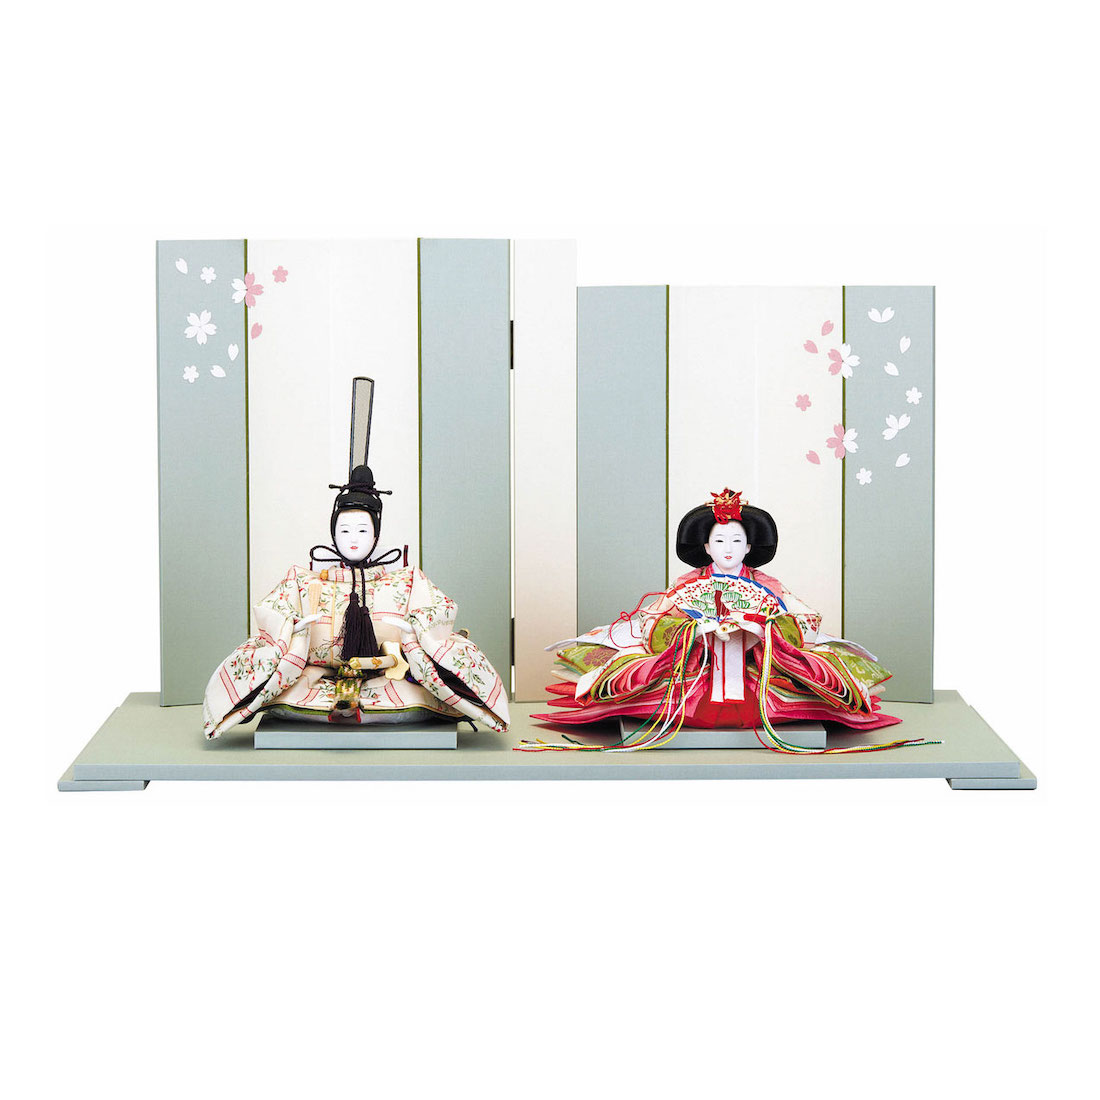 雛人形 小芥子 親王飾り コンパクト 送料無料